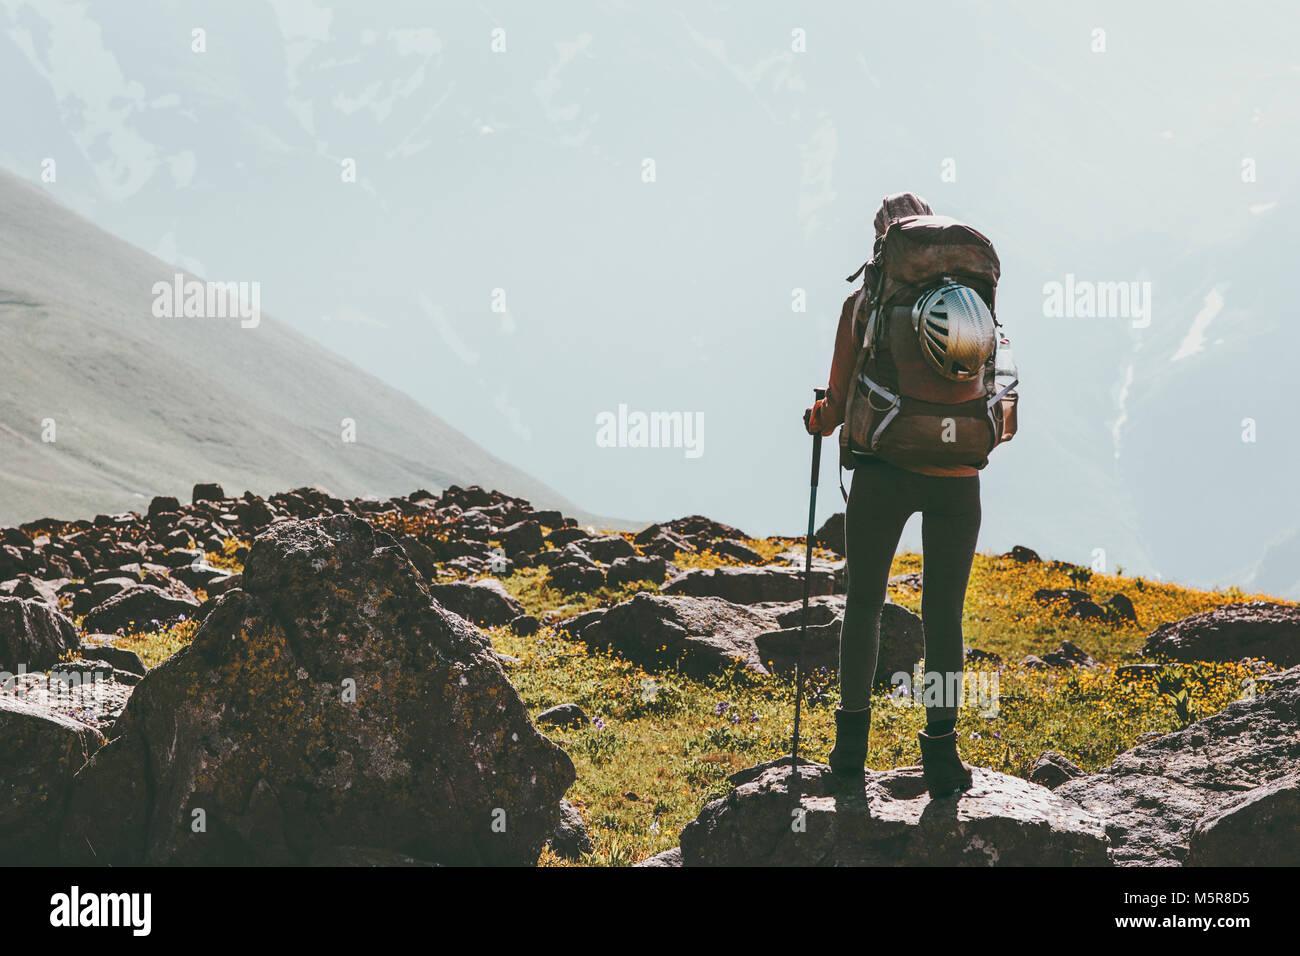 Viaggi avventura vacanze in montagna donna escursionismo zaino con uno stile di vita sano concetto outdoor alpinismo Immagini Stock